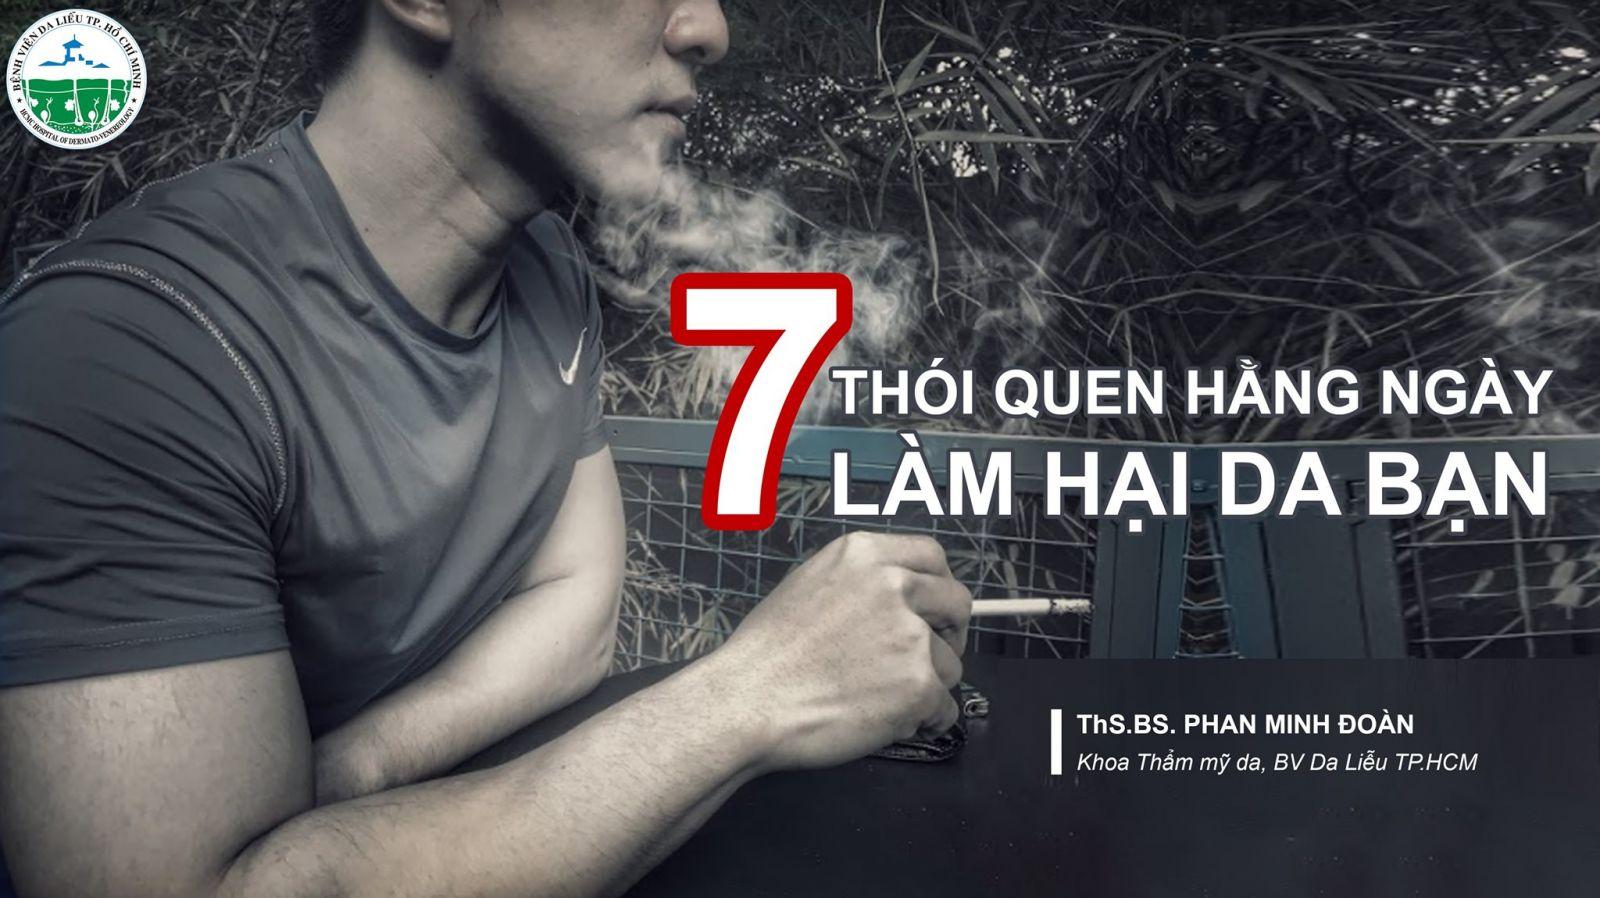 7-thoi-quen-hang-ngay-lam-hai-da-ban